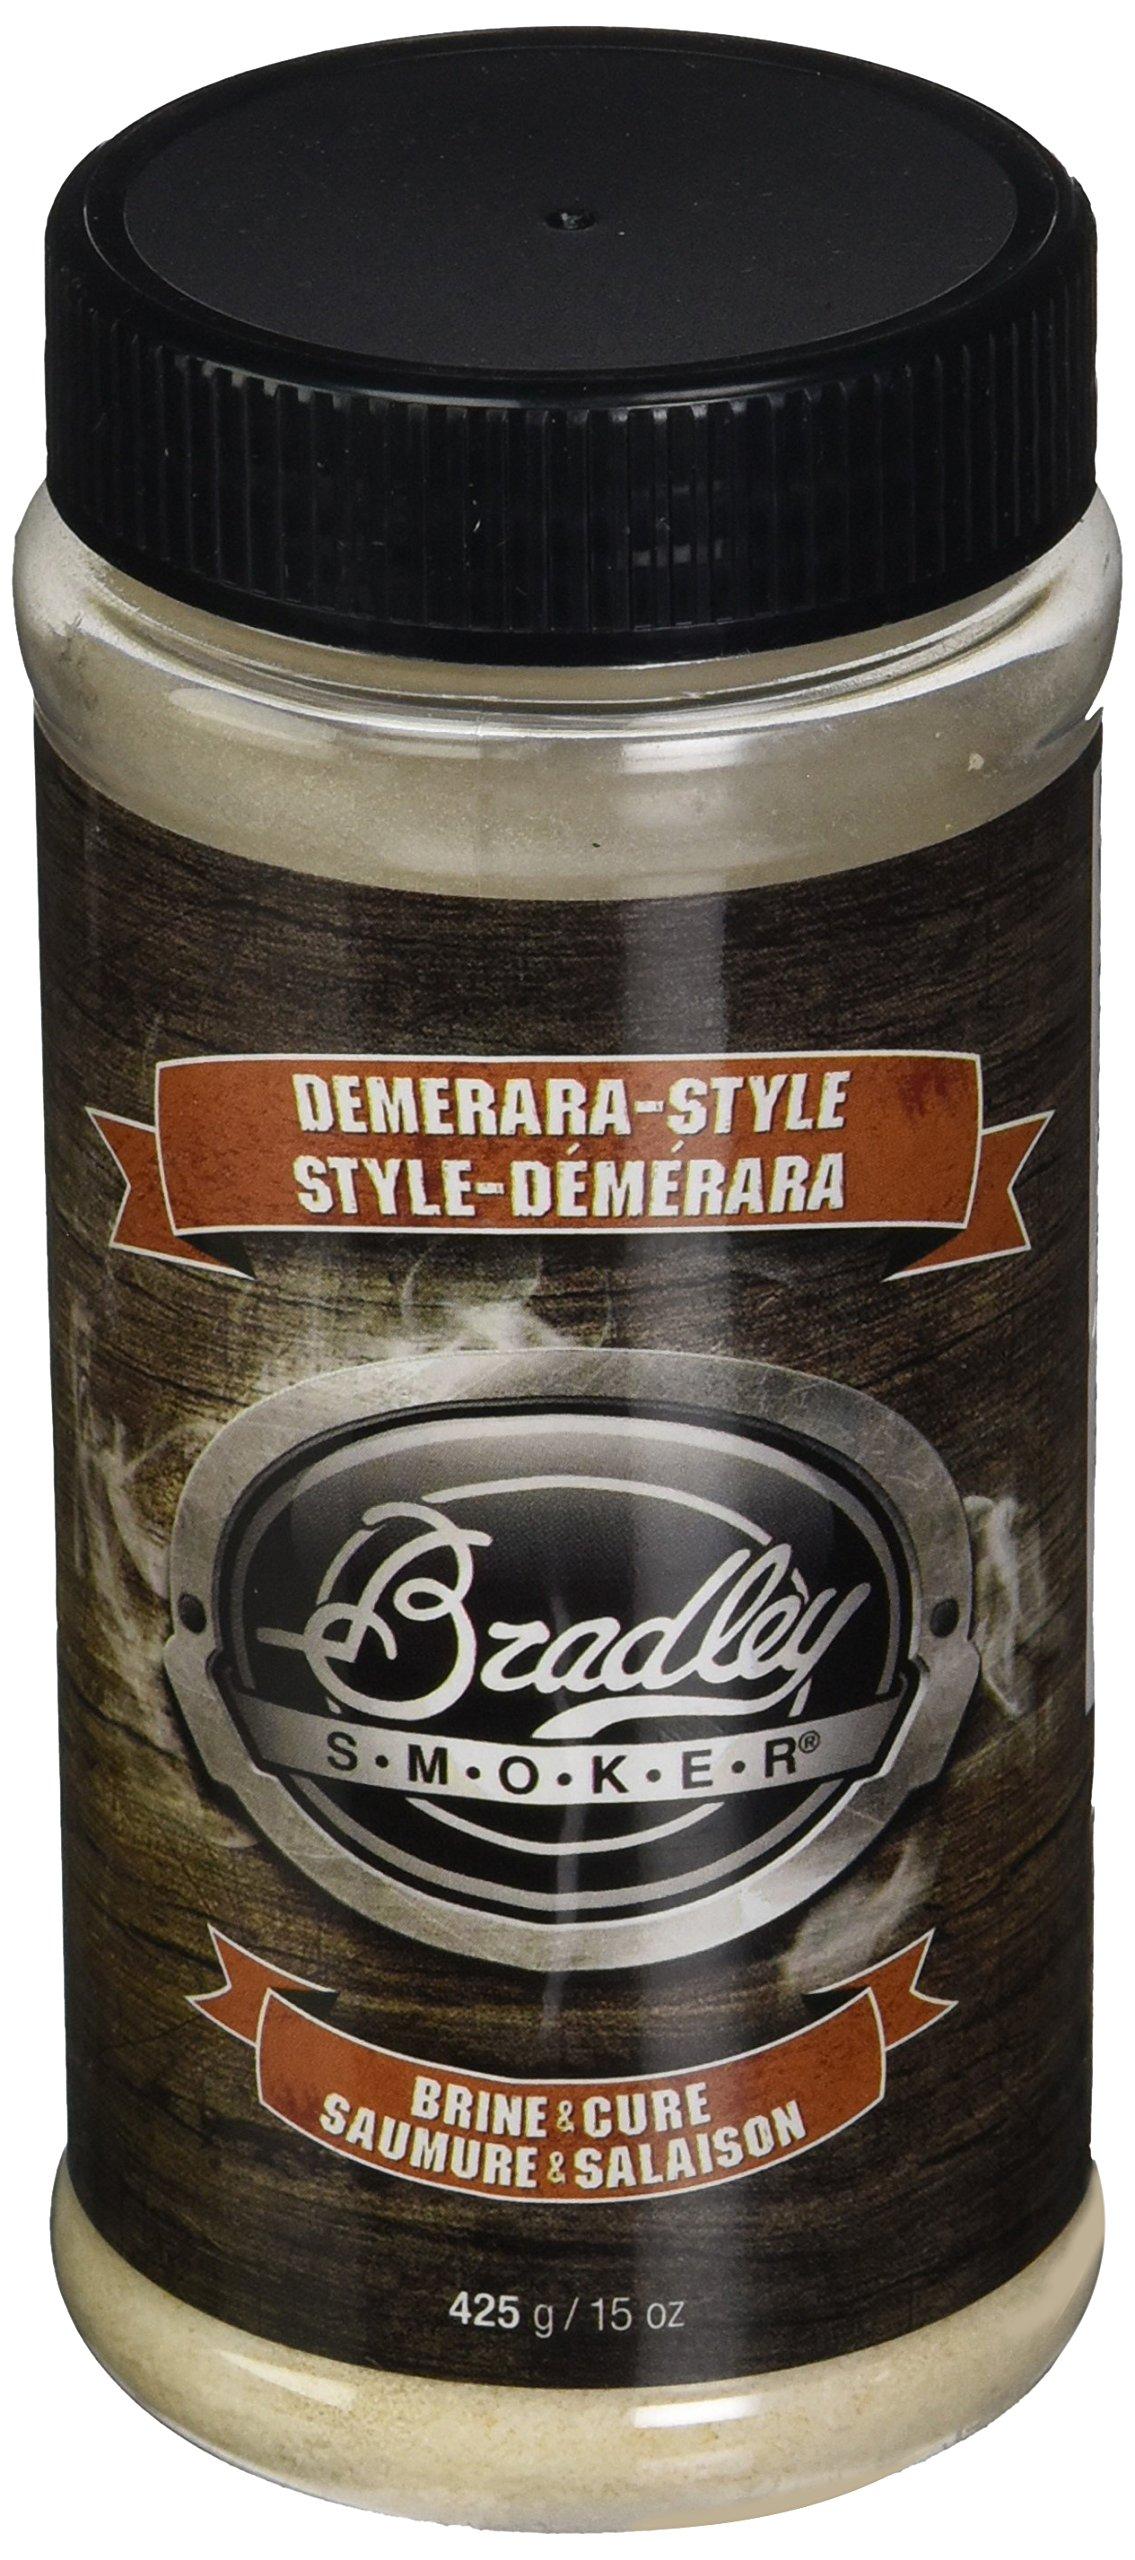 Bradley Smoker CUREDEM15 15 oz Demerara Cure Outdoor Kitchen Accessories